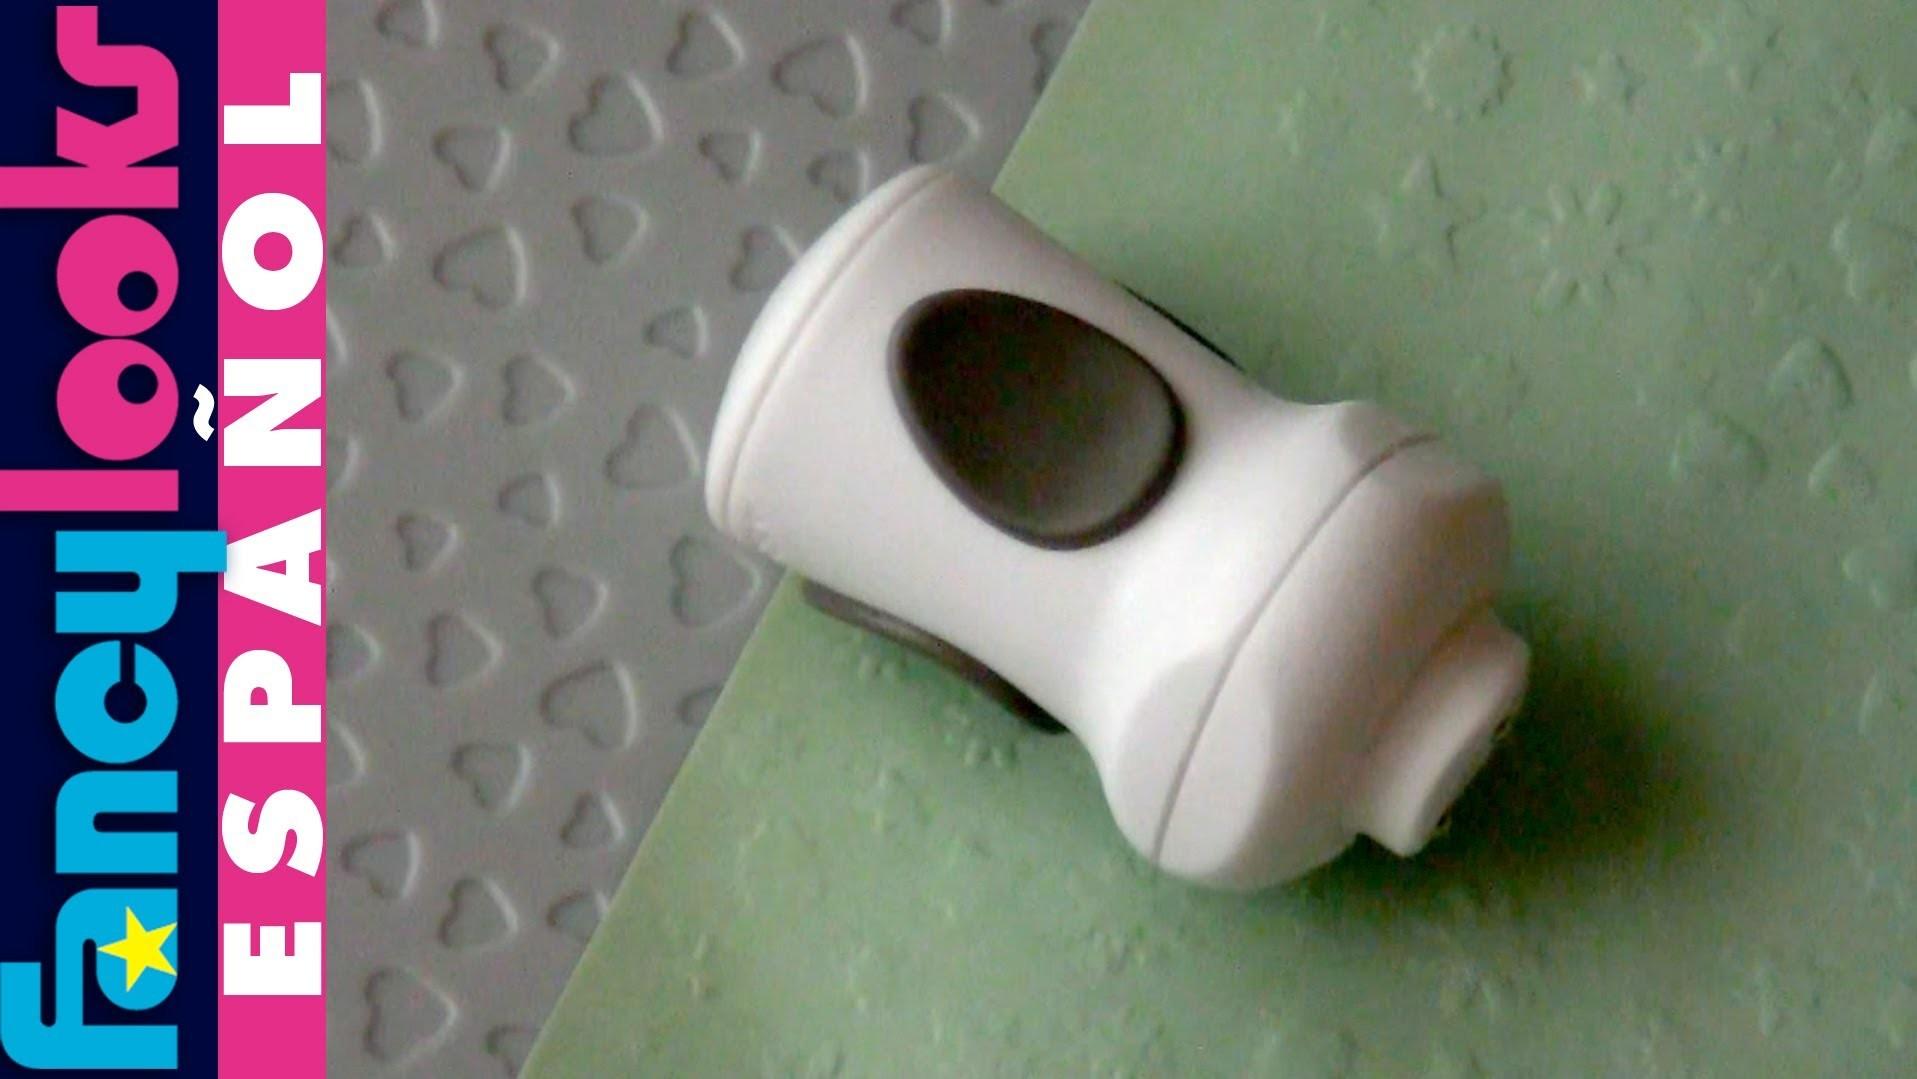 Herramienta baratita para estampar relieves en papel ¿funciona?